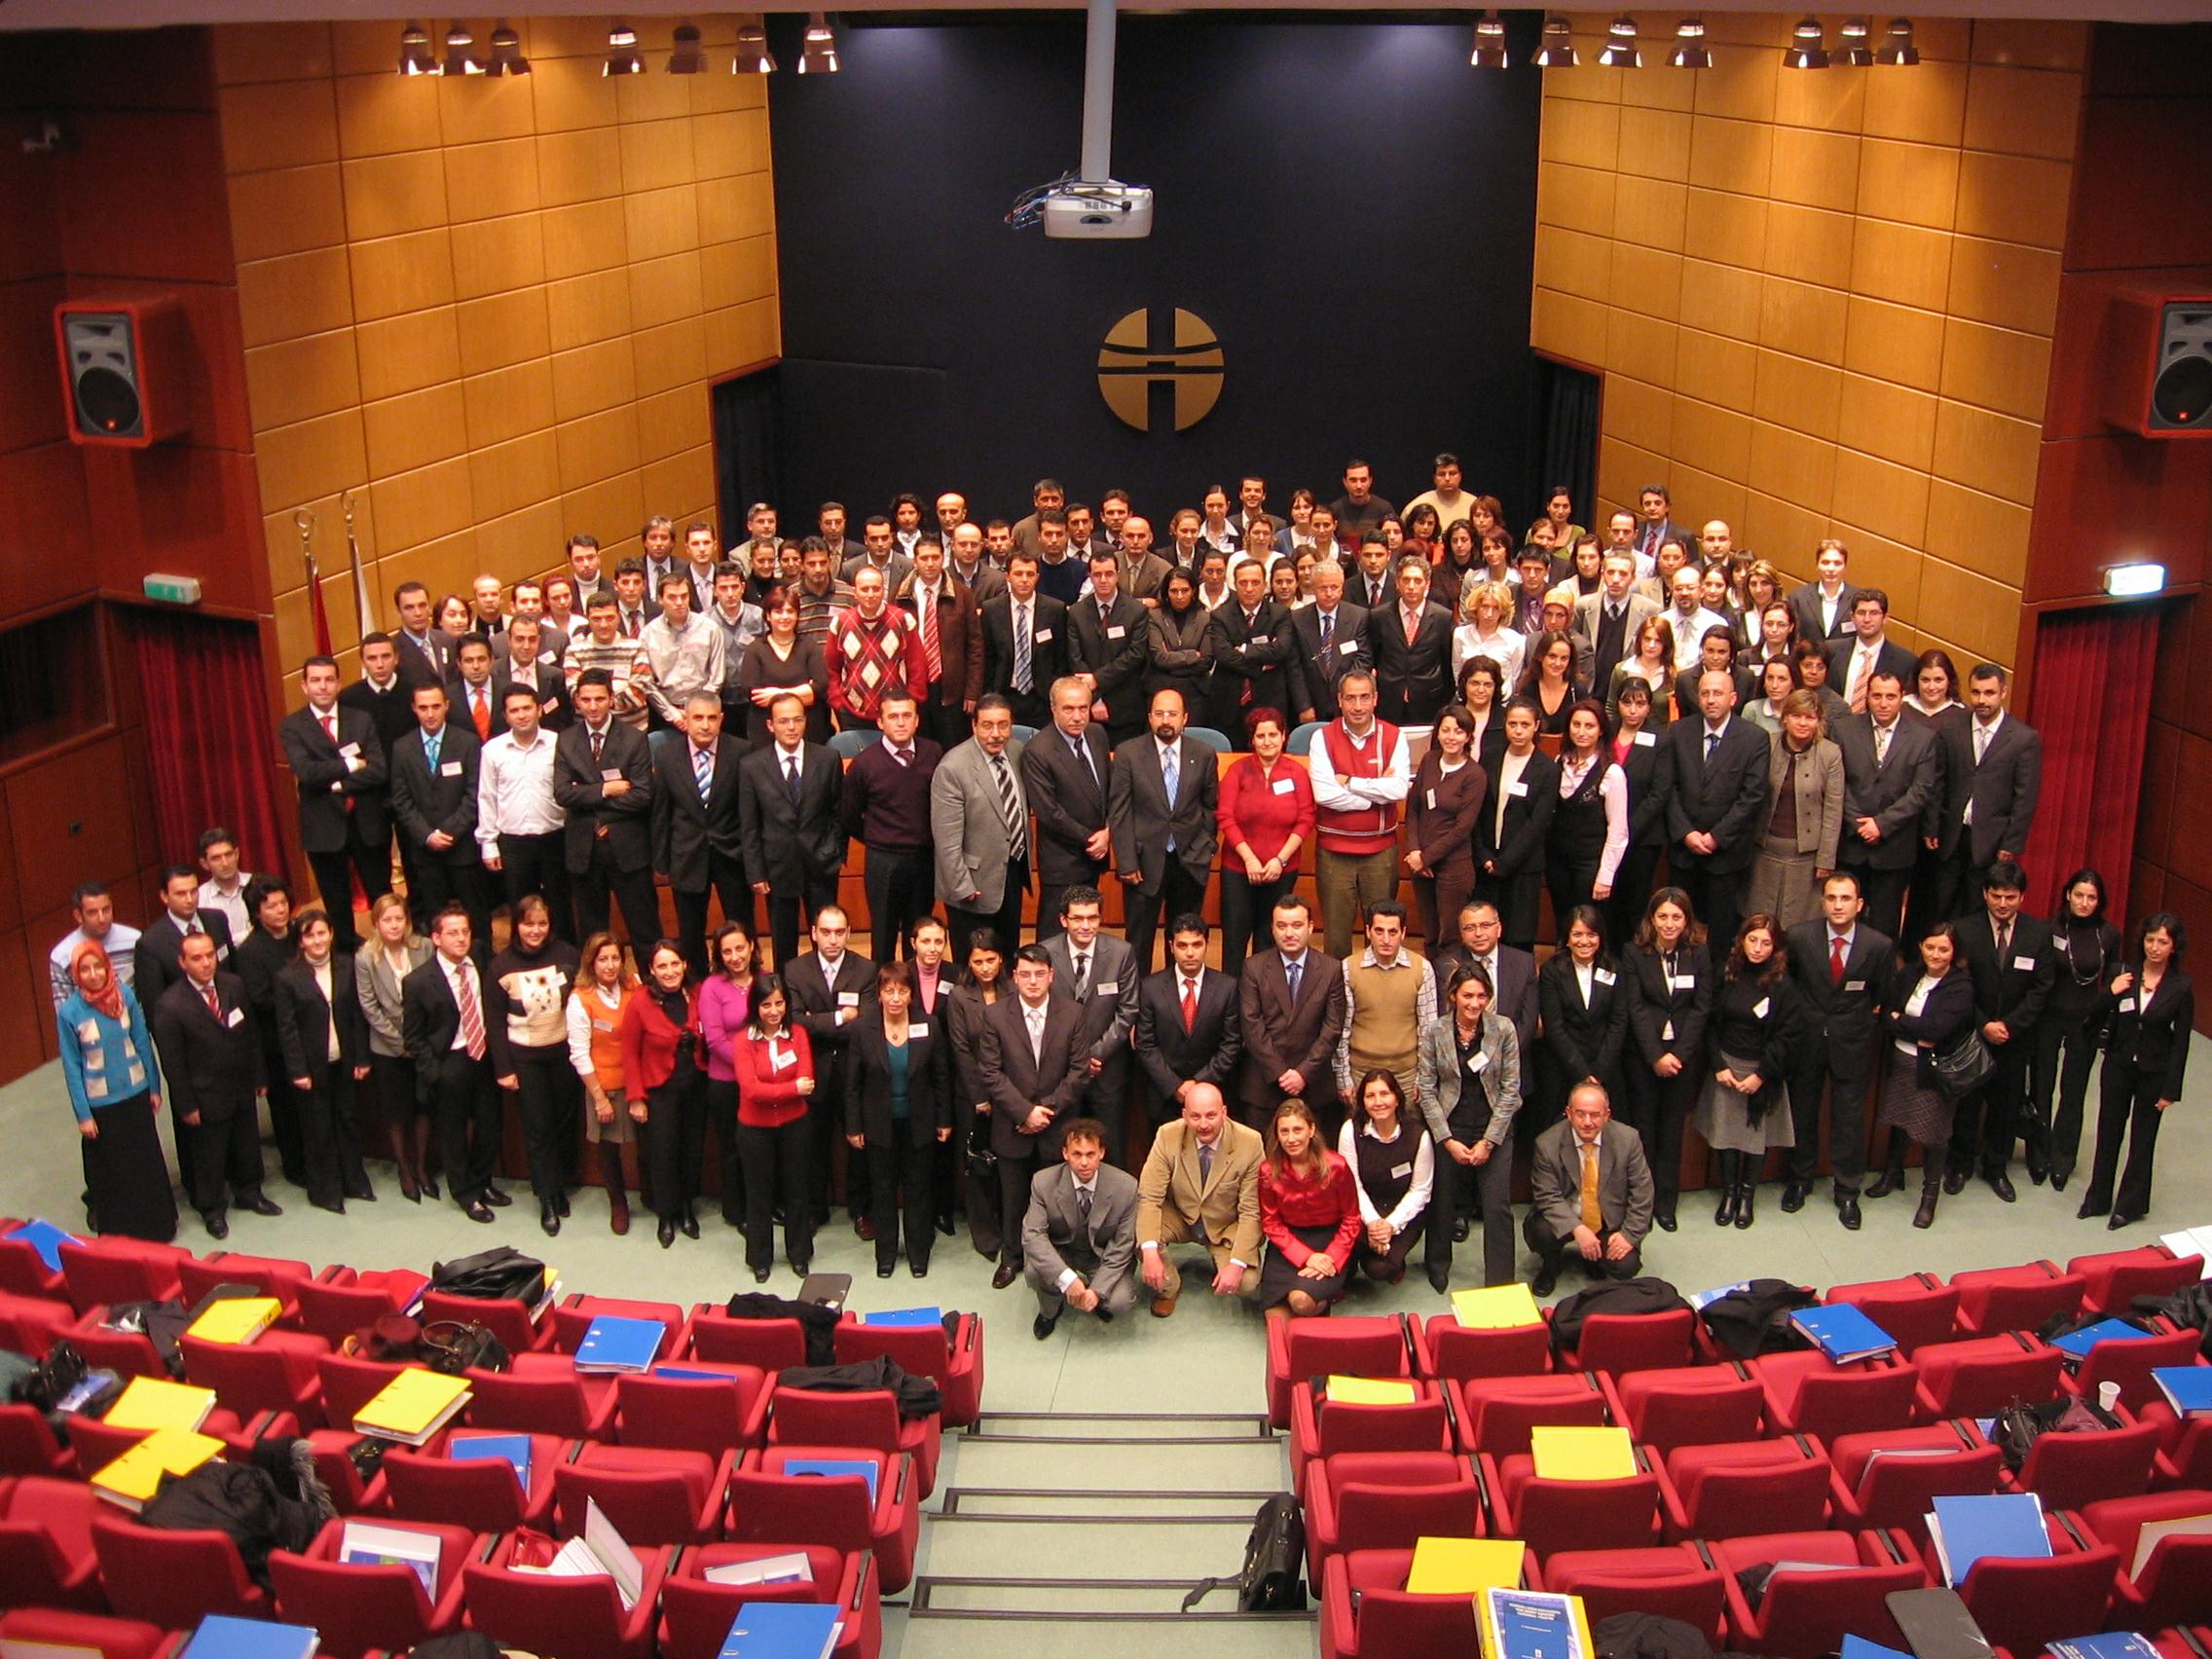 2006SIRKET EGITIMI 13-14-15 ARALIK 2006